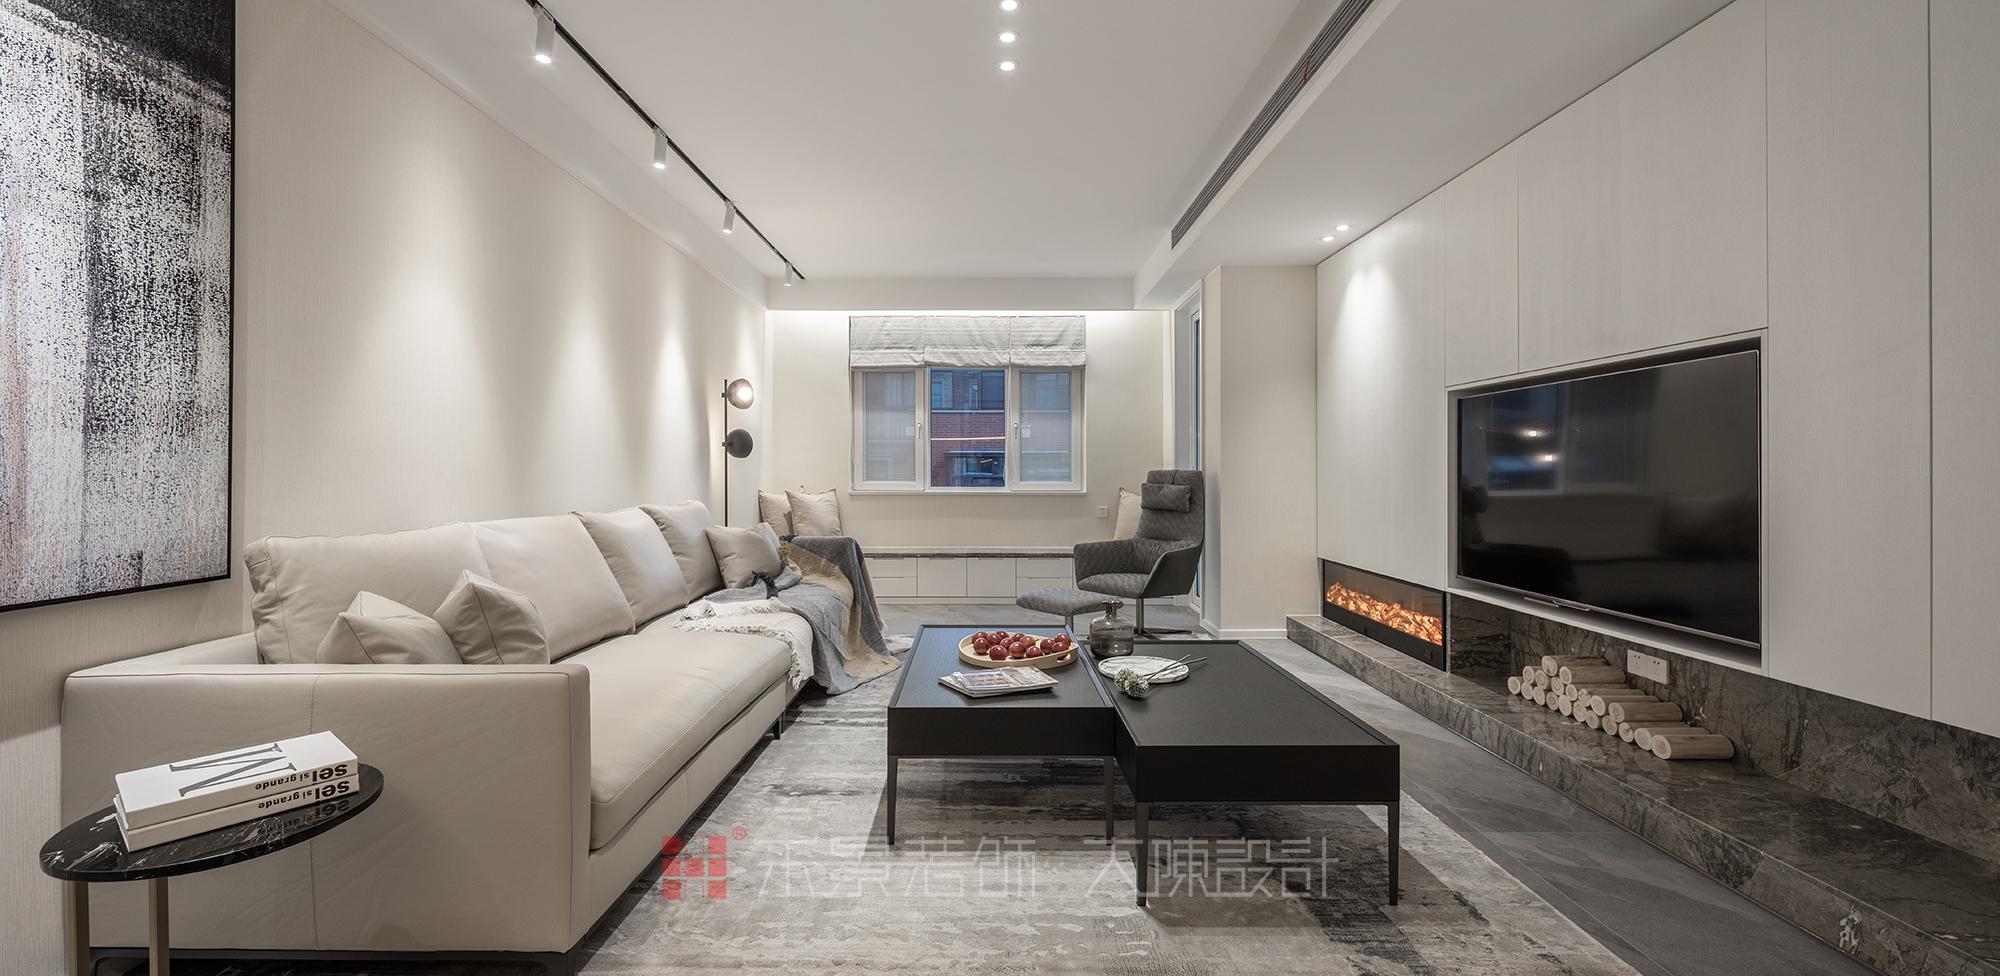 客厅图片来自禾景大陈设计在寻梦·归心的分享